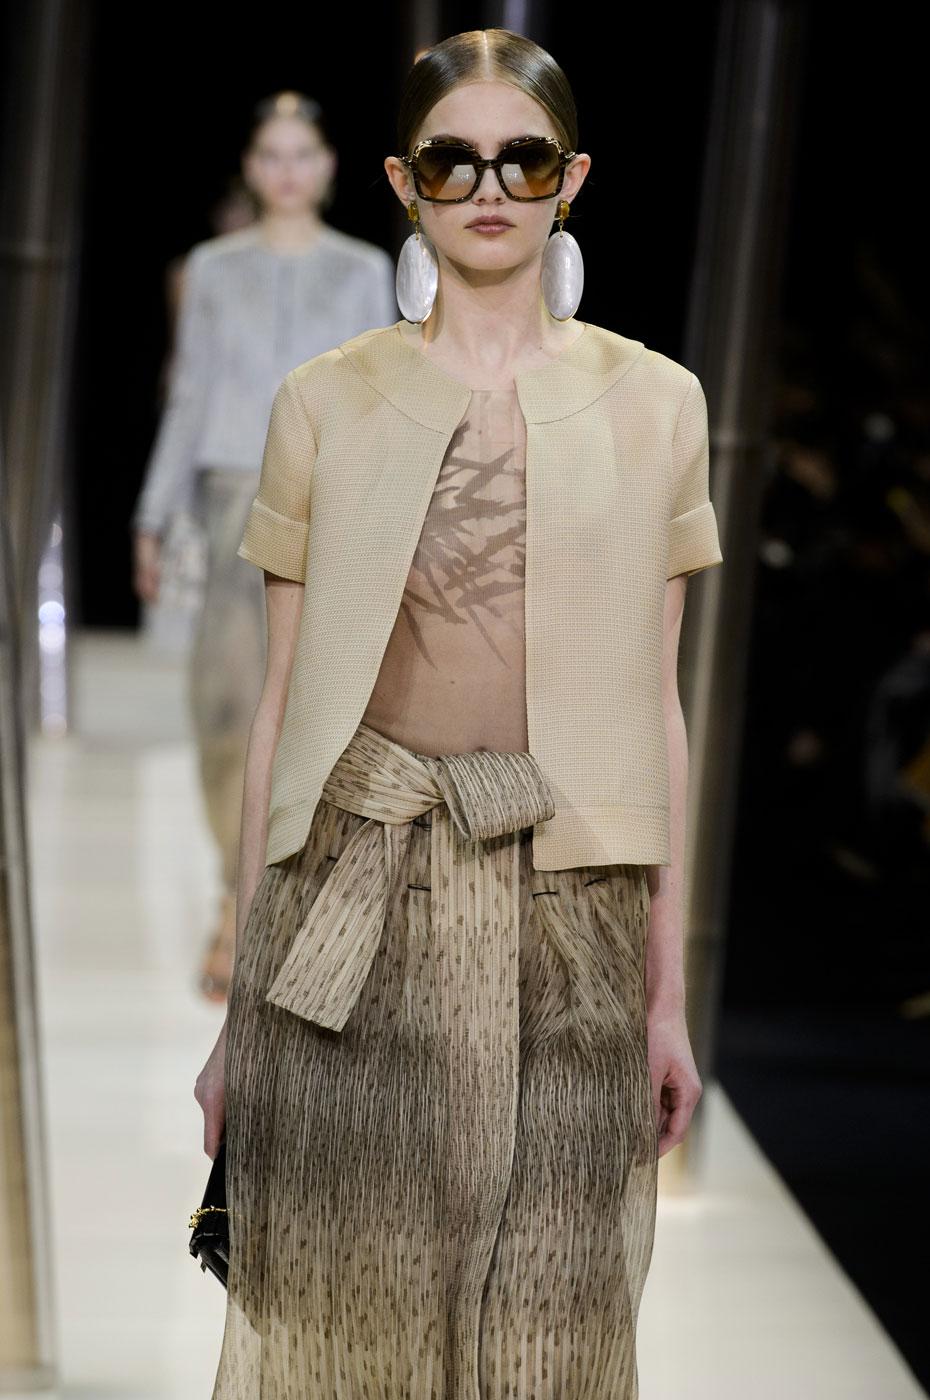 Giorgio-armani-Prive-fashion-runway-show-haute-couture-paris-spring-2015-the-impression-024